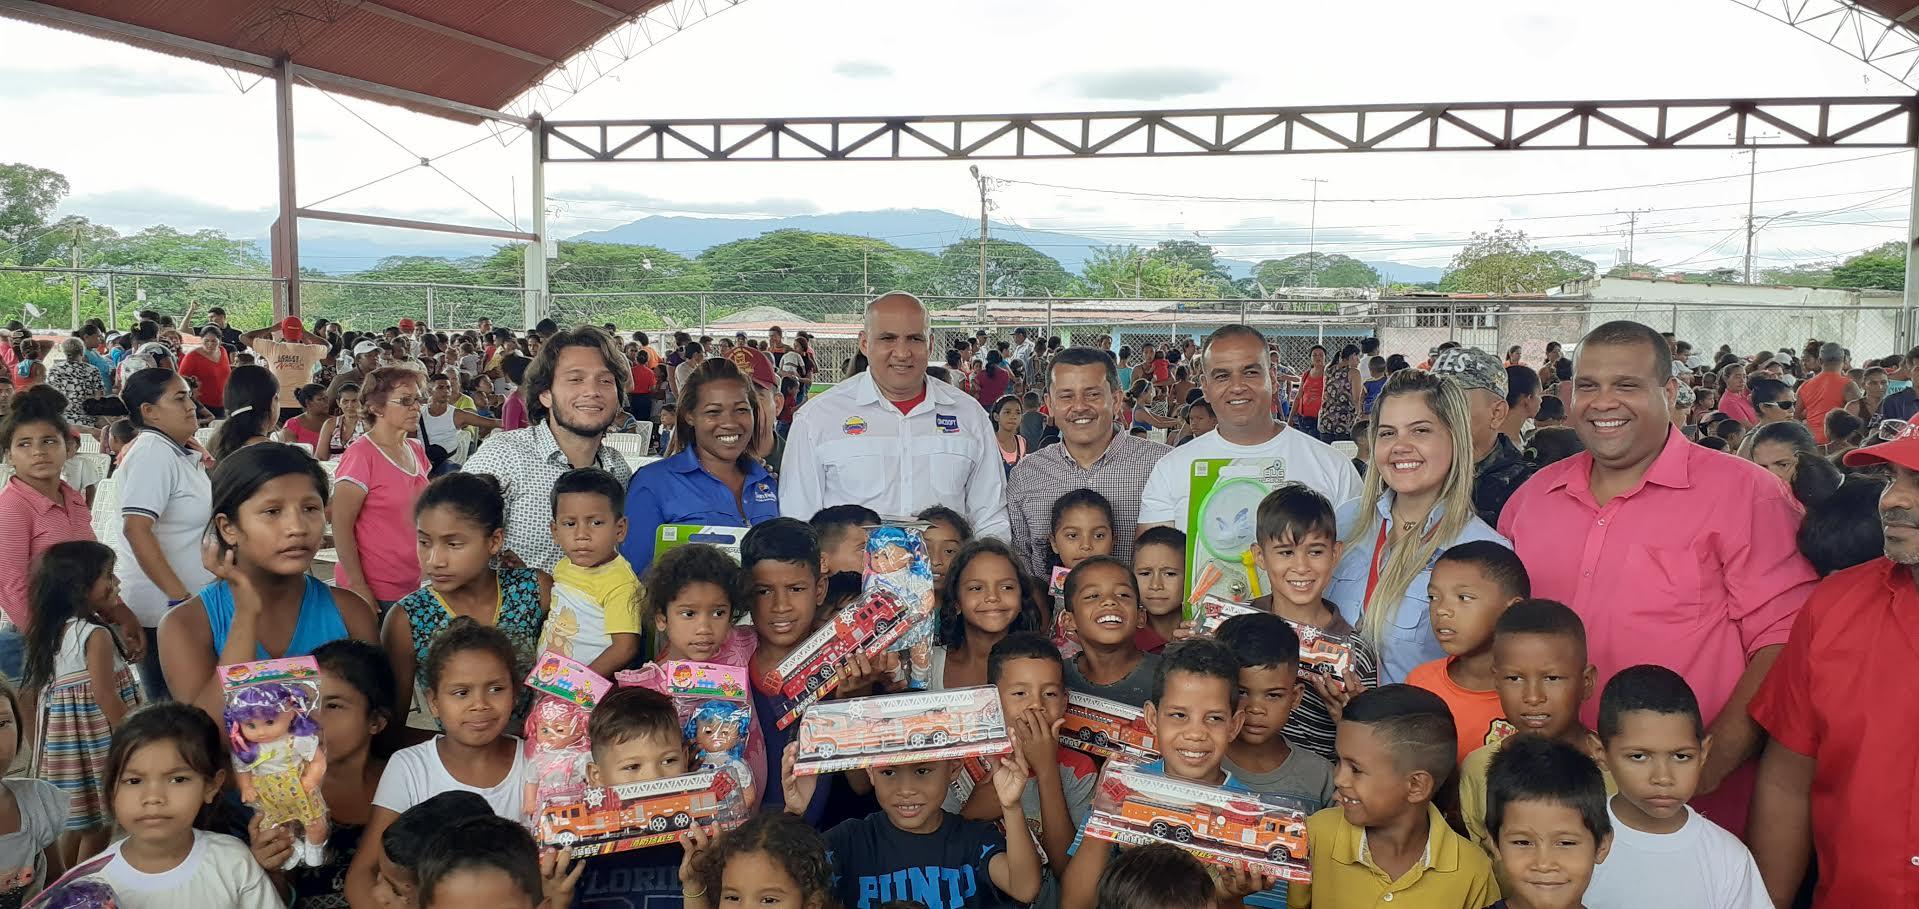 Frente Preventivo entregó juguetes a niños y niñas por el Día de los Reyes Magos en Yaracuy